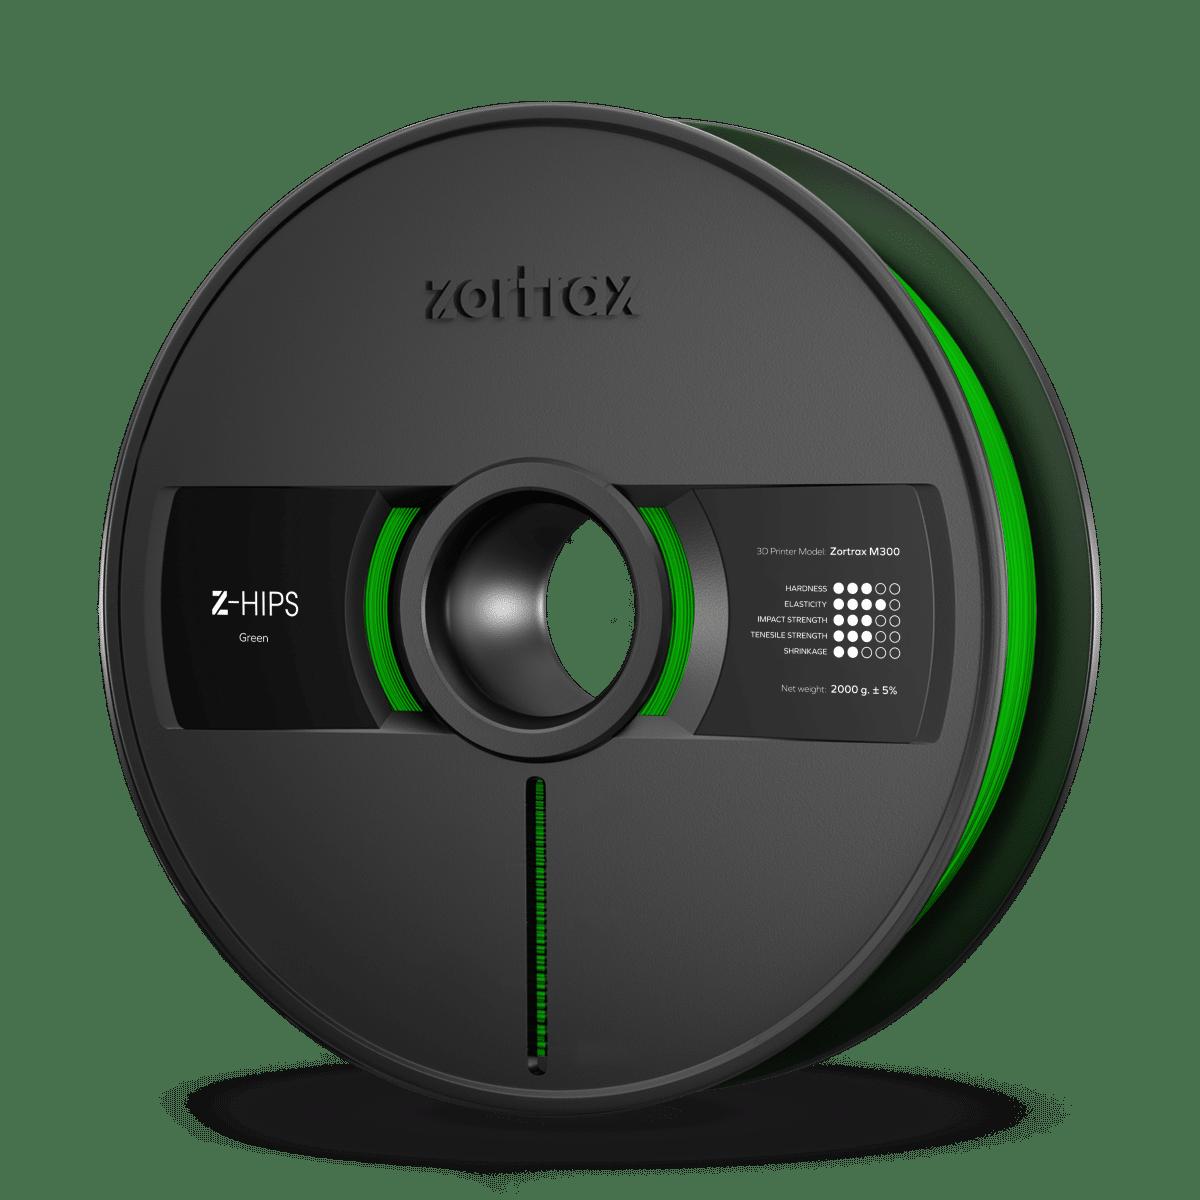 Billede af Zortrax Z-HIPS - M300 - 1.75 mm - 2 kg - Green